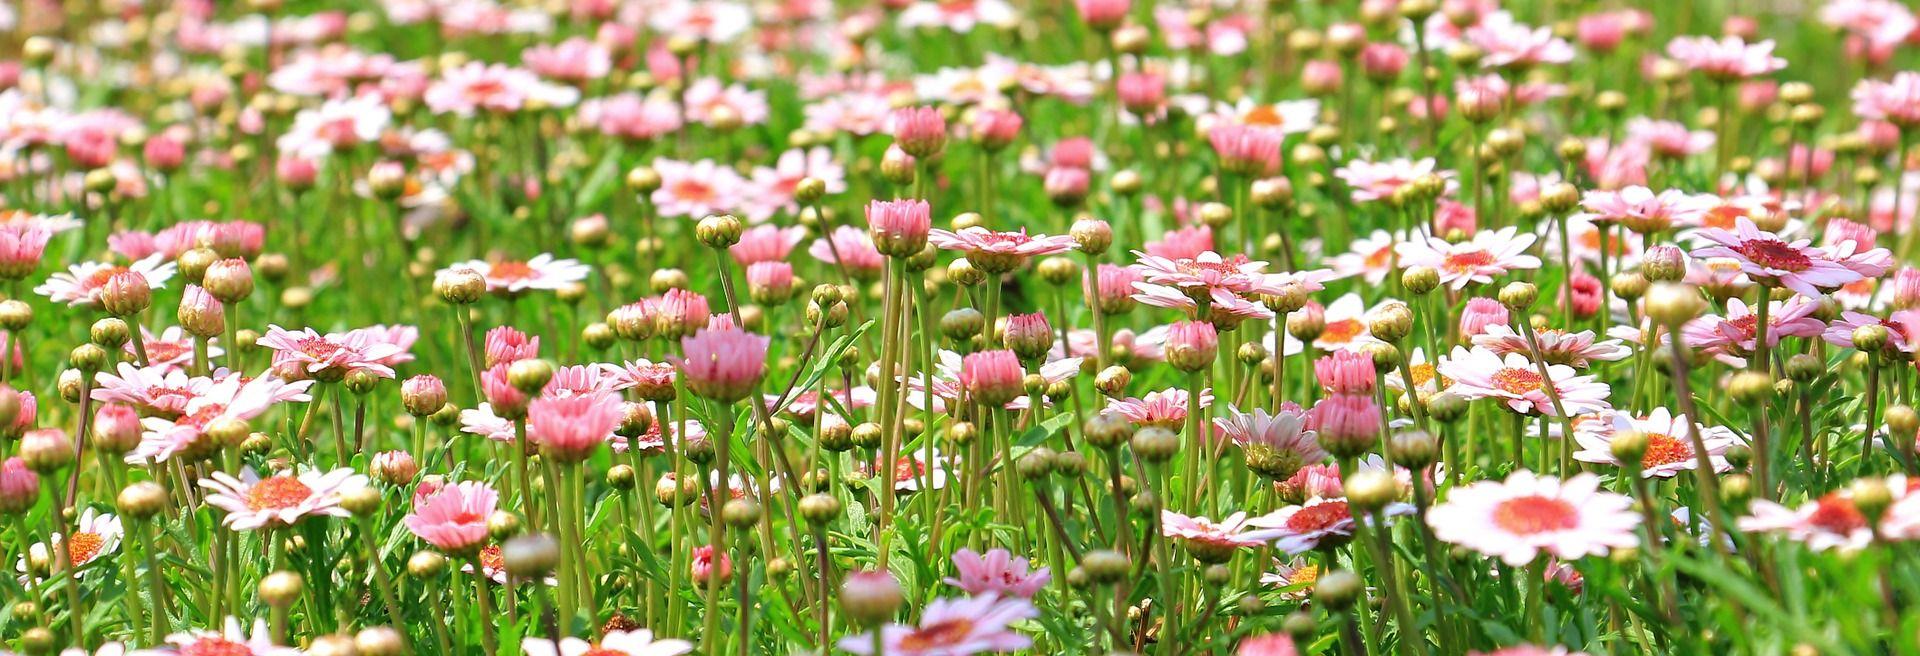 louka růžová kopretiny